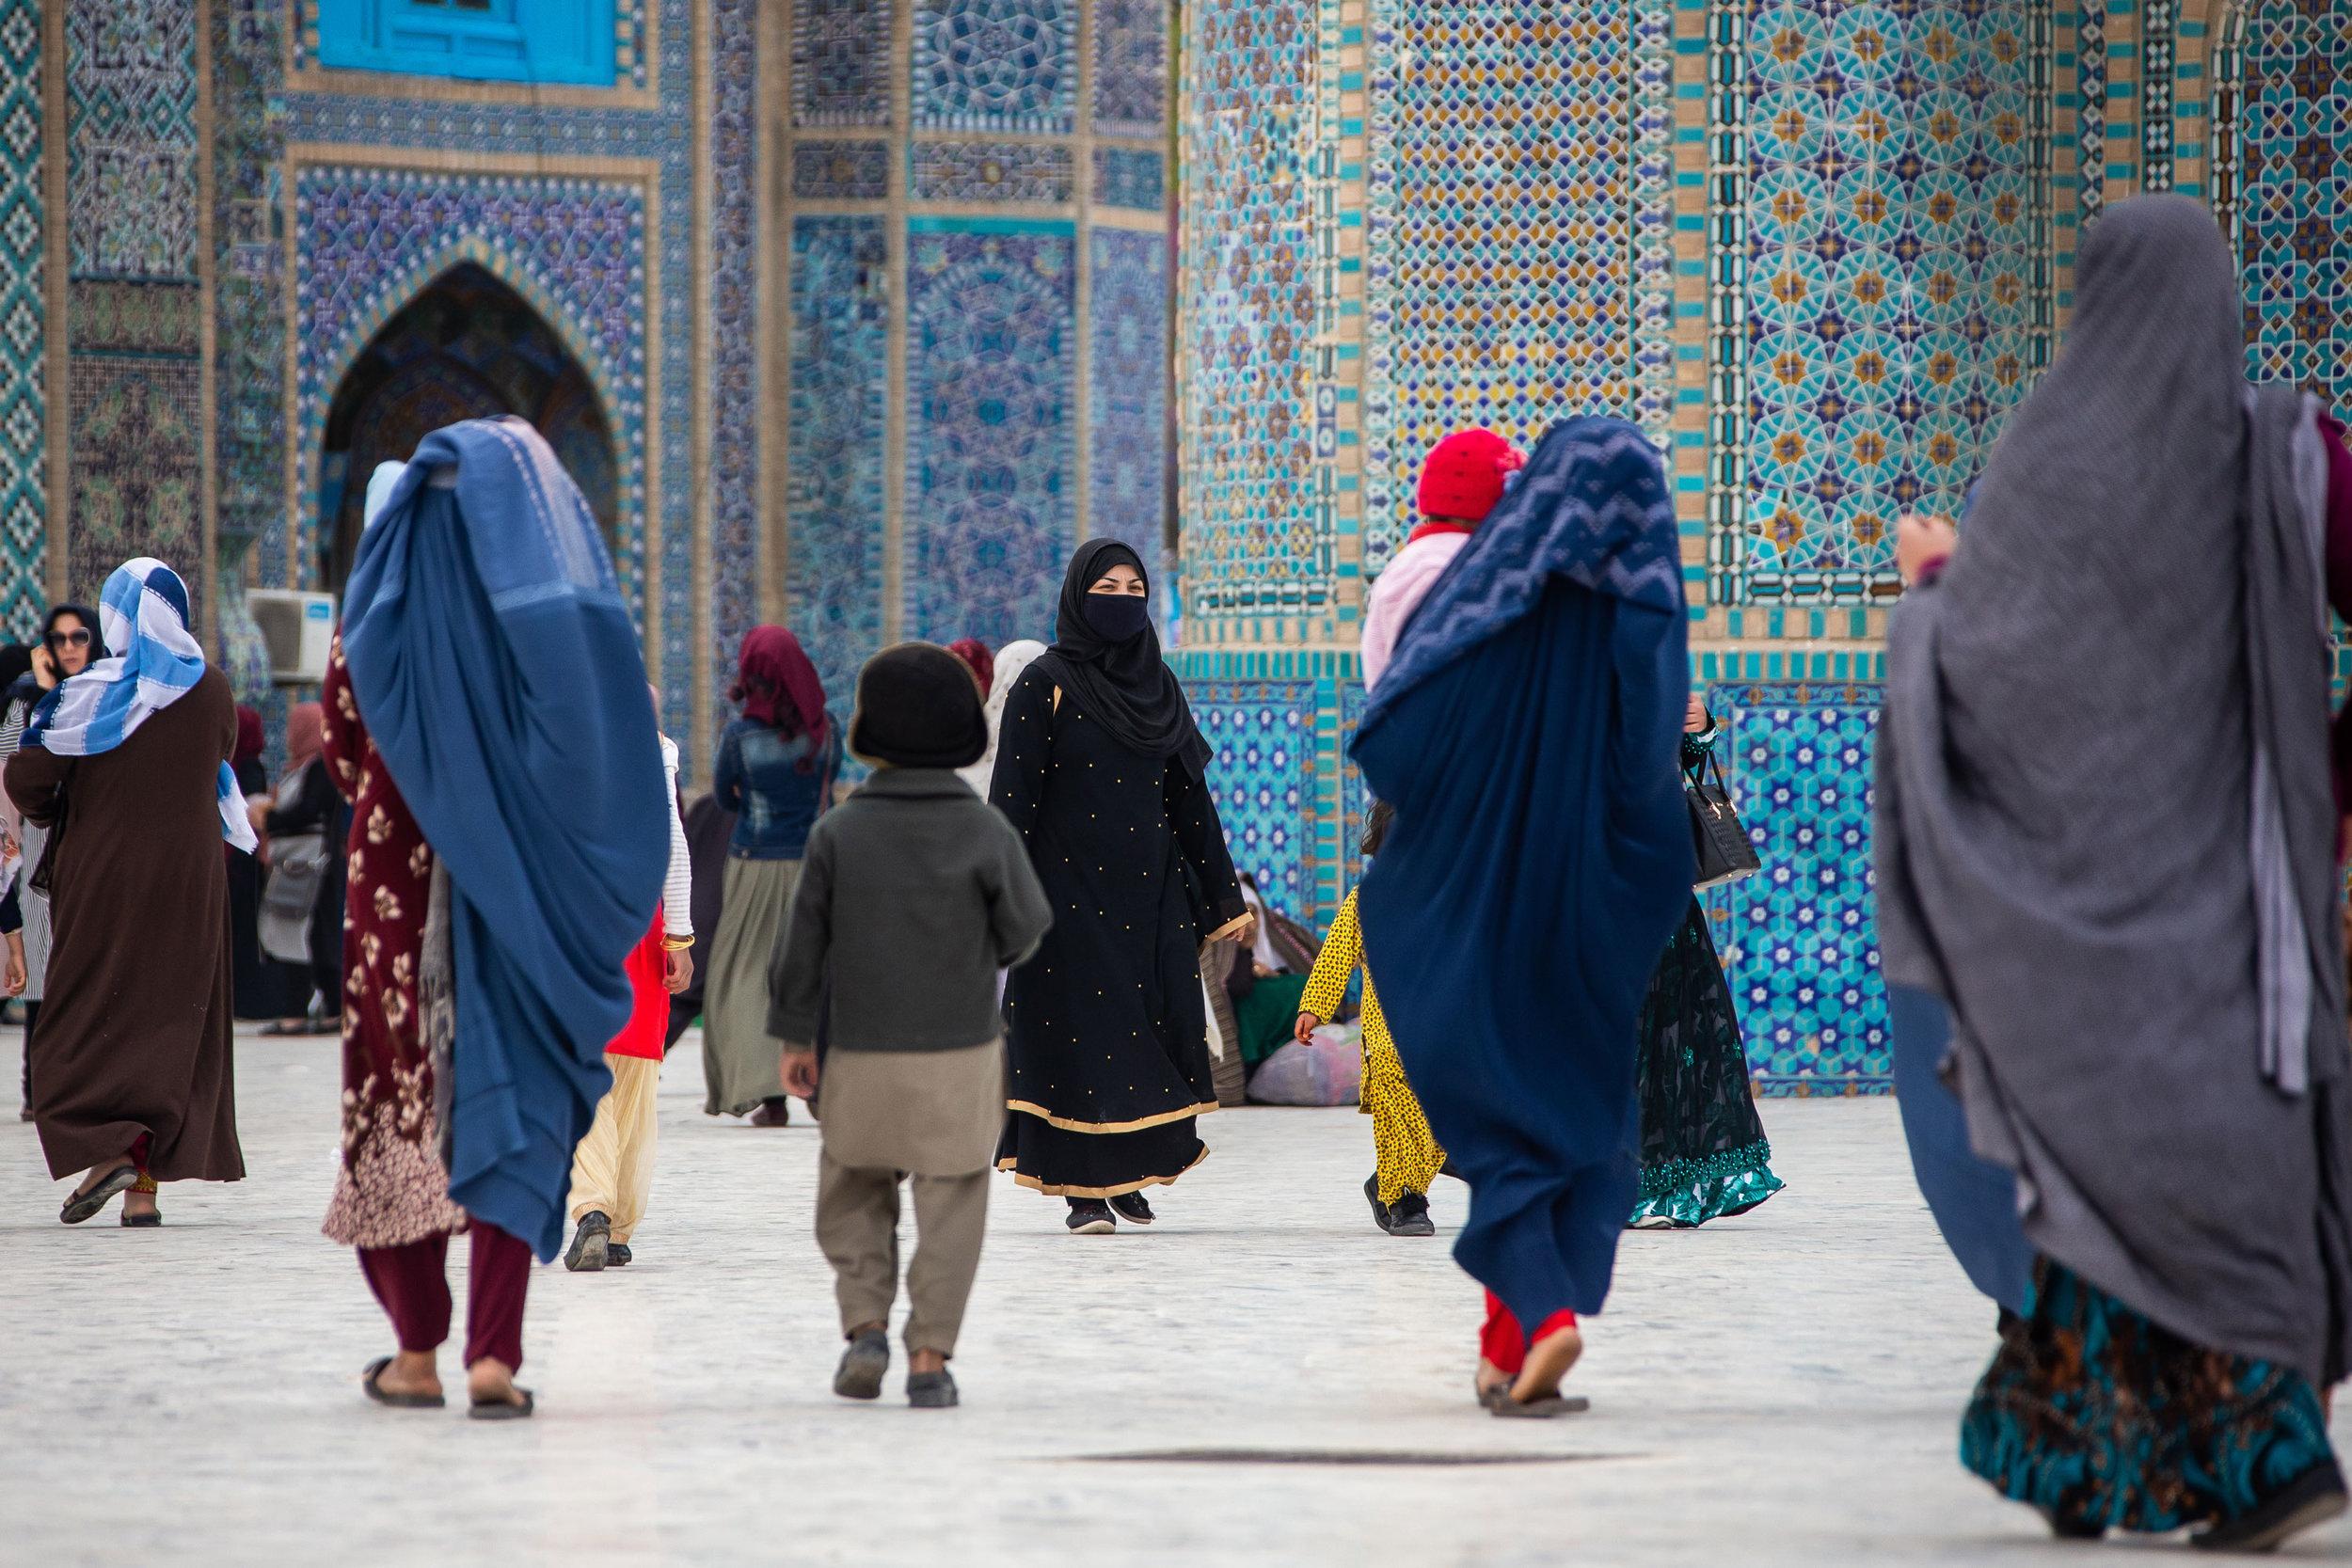 Prostitutes in Mazar-e Sharif